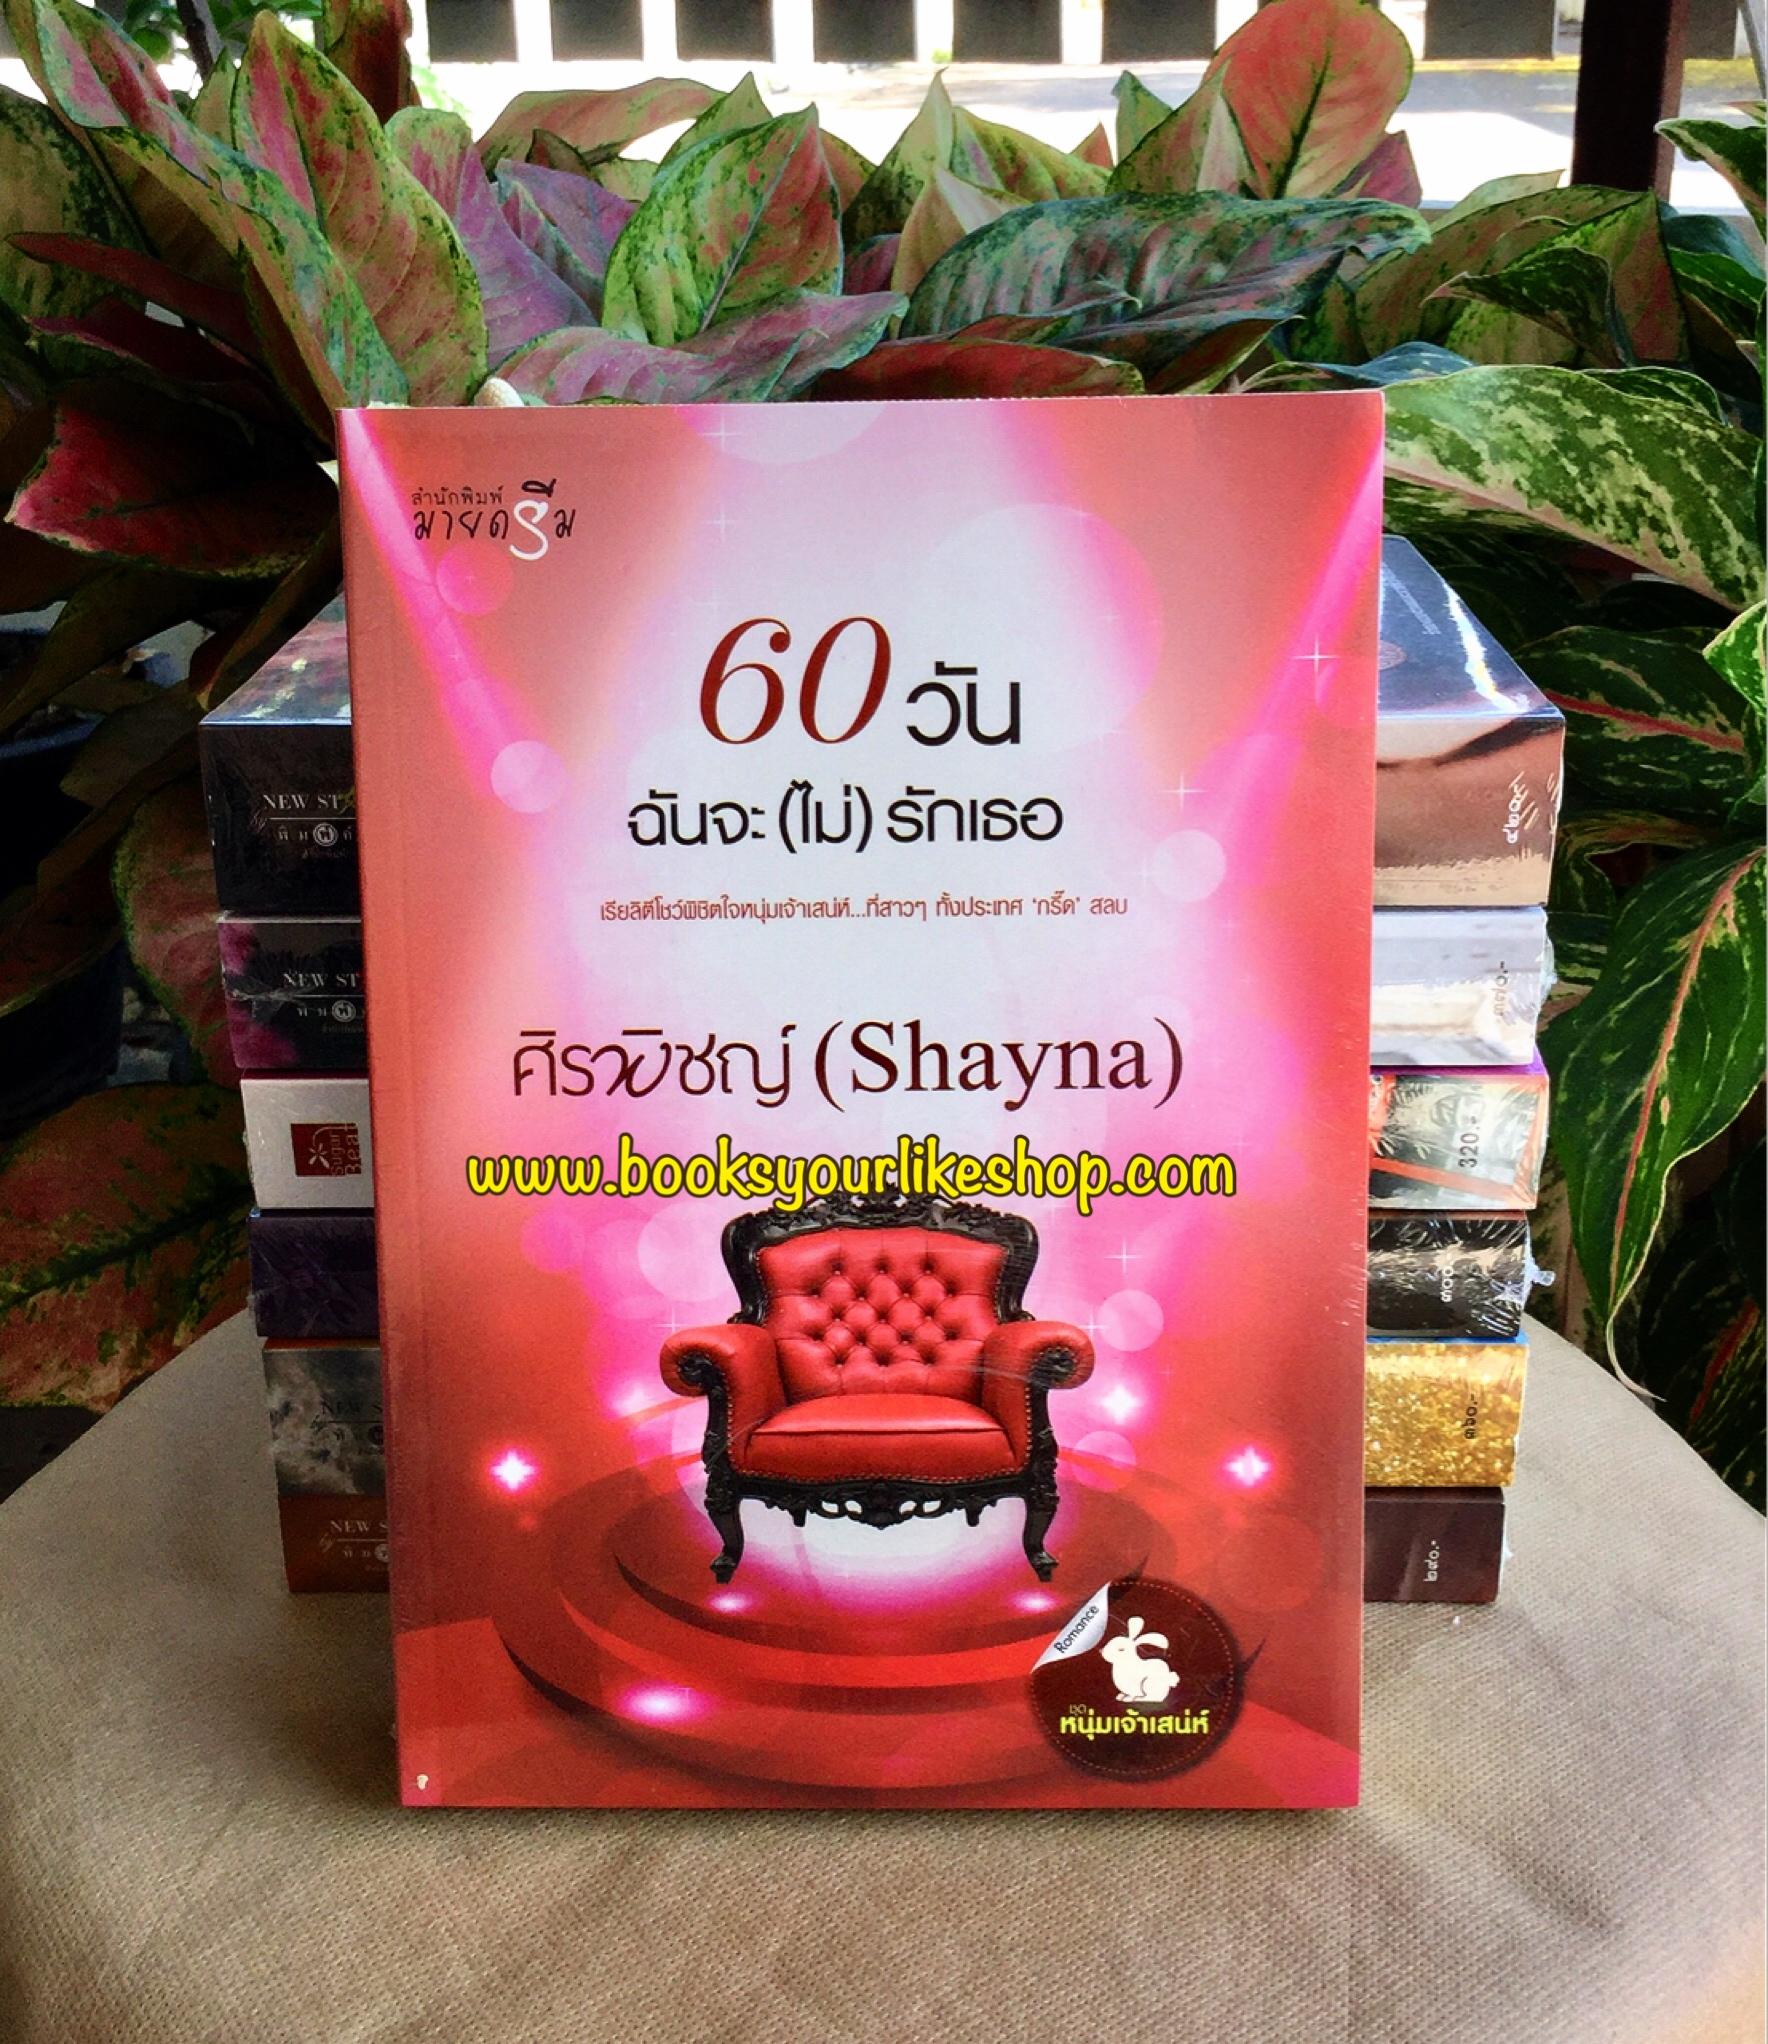 60 วันฉันจะ(ไม่)รักเธอ / ศิรพิชญ์ (Shayna) หนังสือใหม่ สนุกคะ